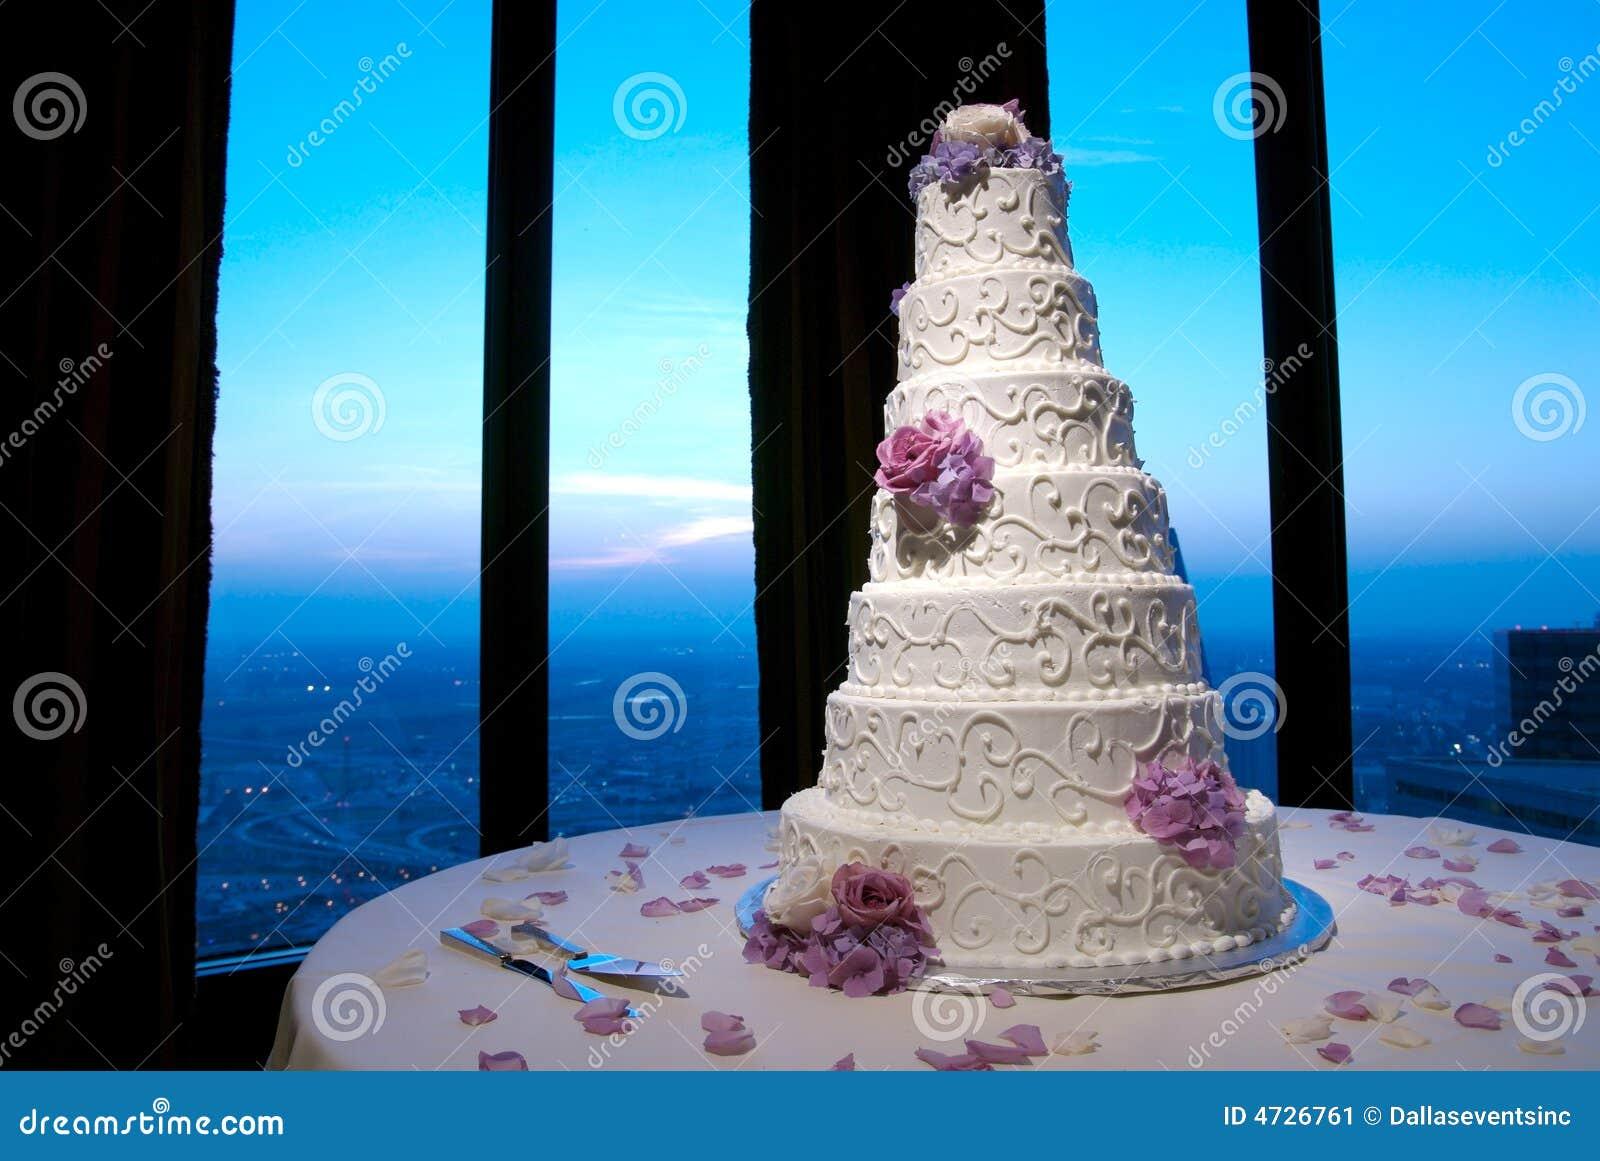 Torta de boda hermosa en una recepción nupcial